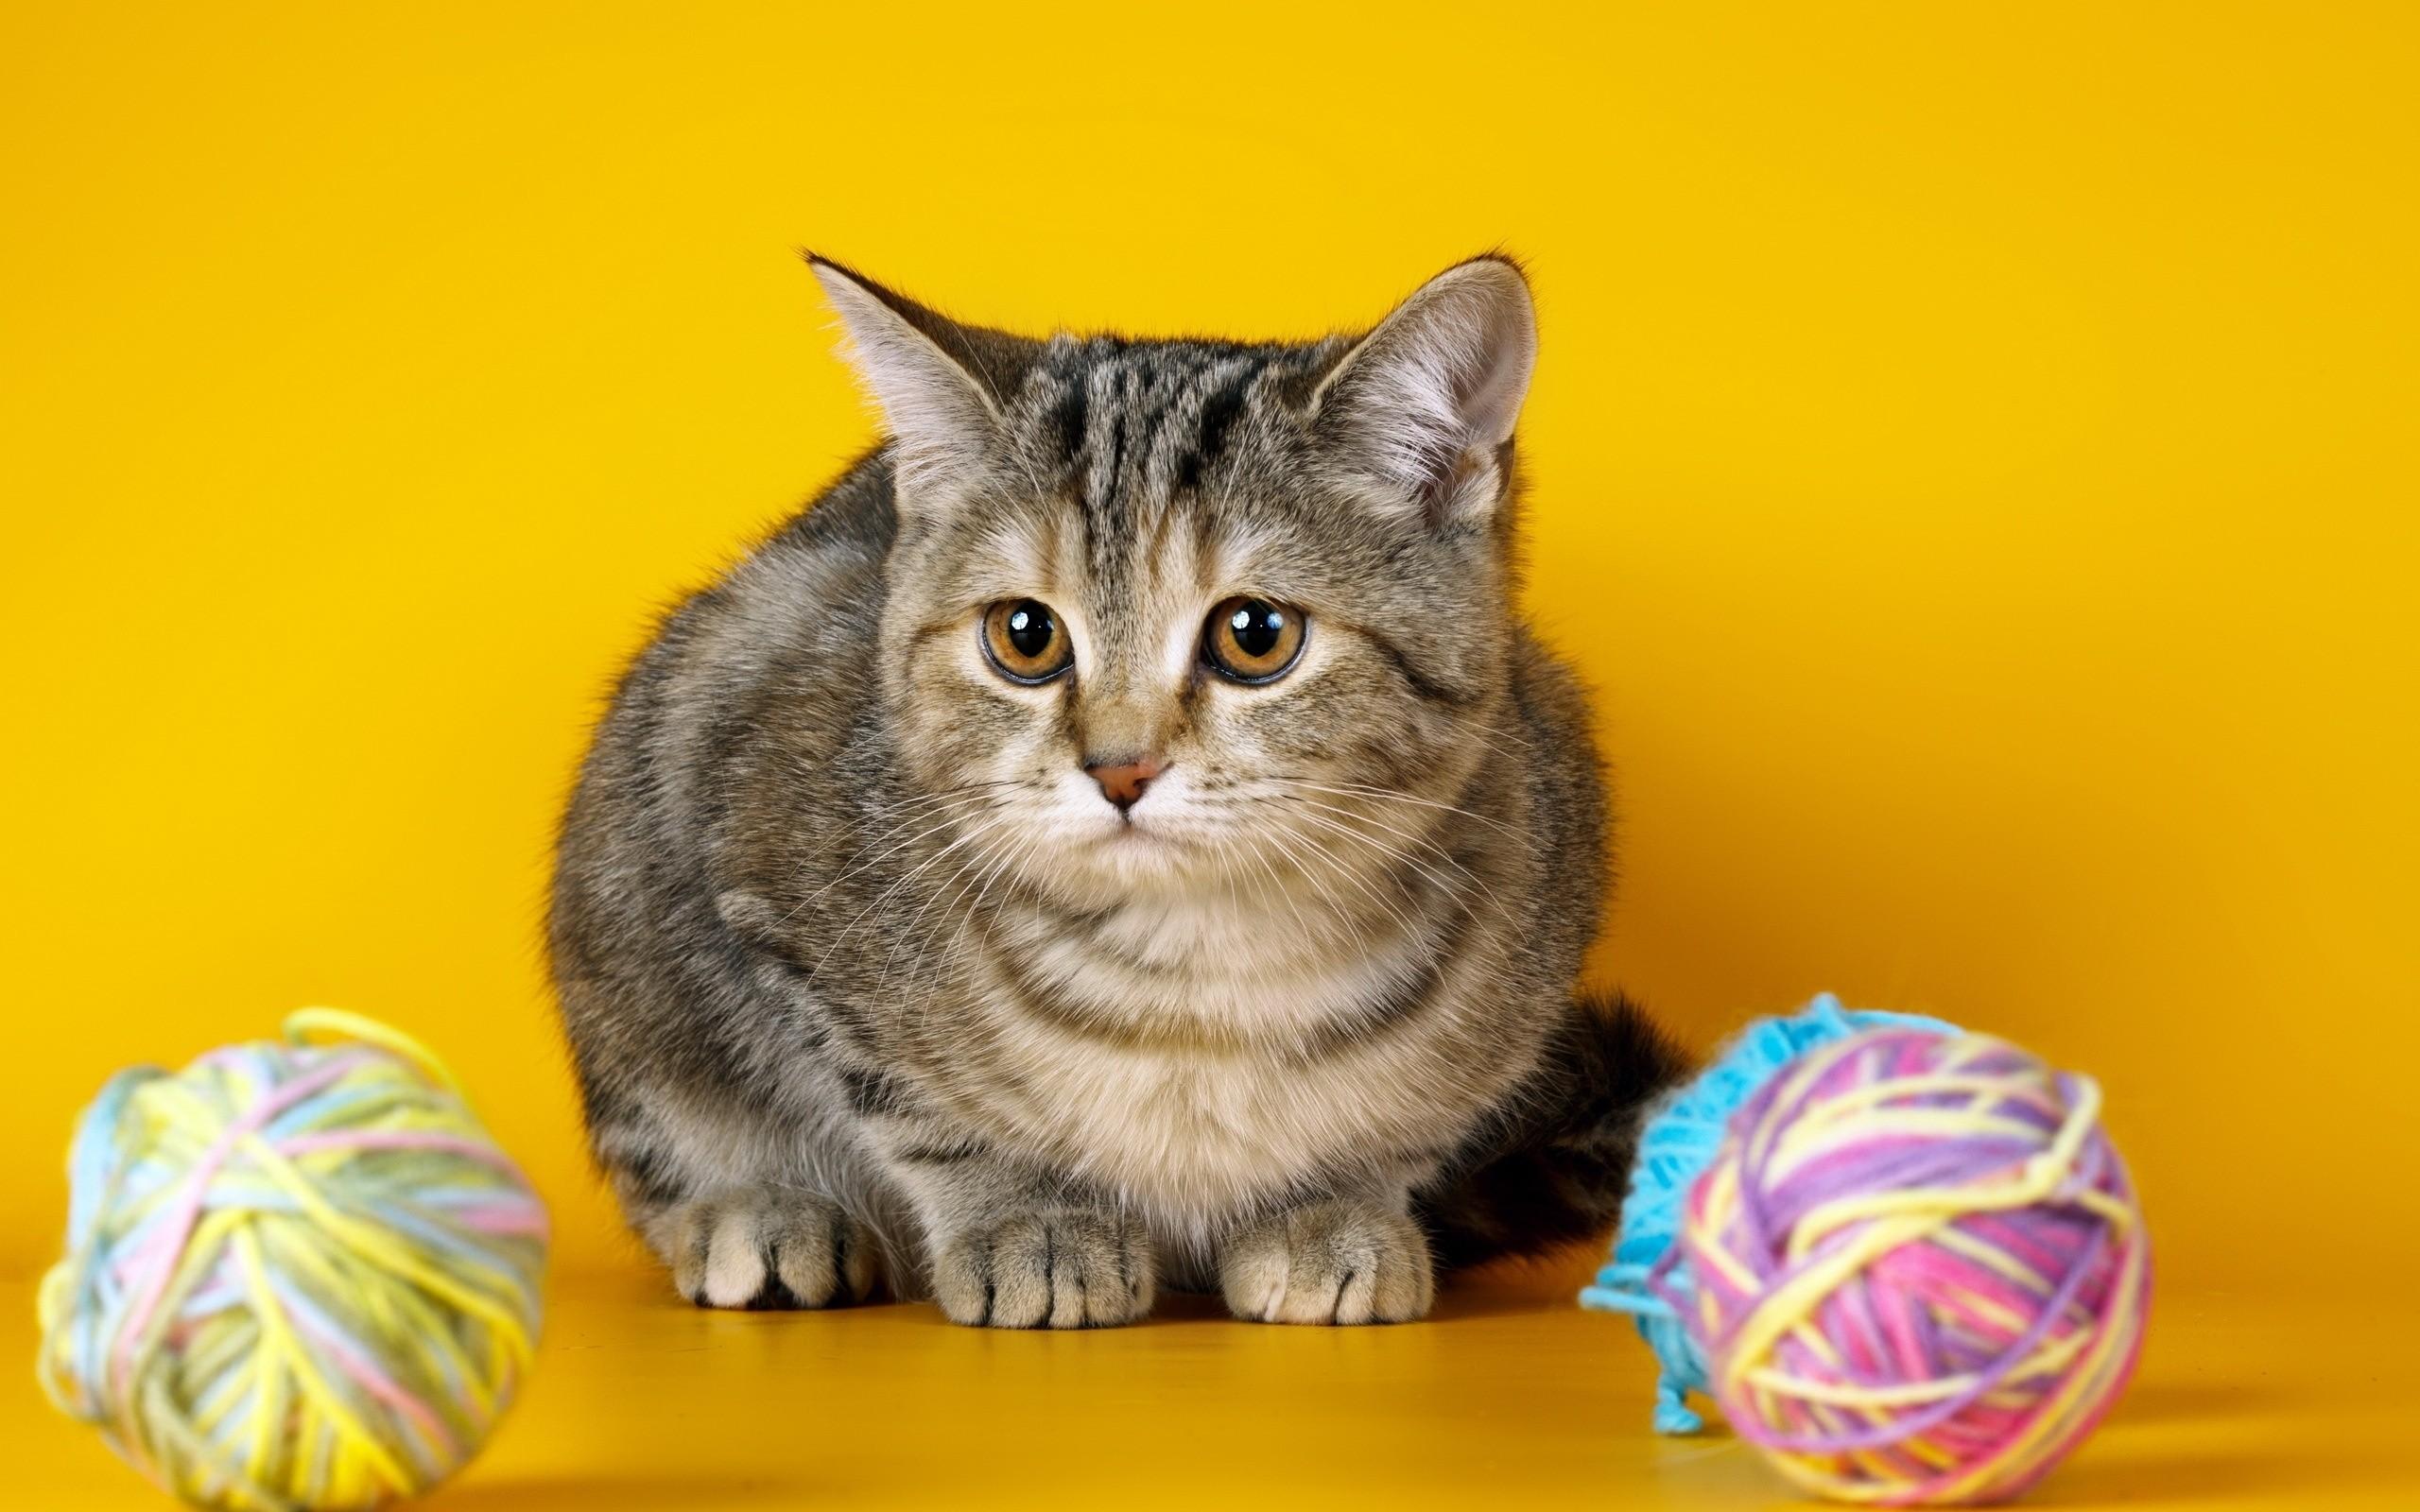 Wallpaper Sadness Whiskers Photoshoot Kitten Vertebrate Cat